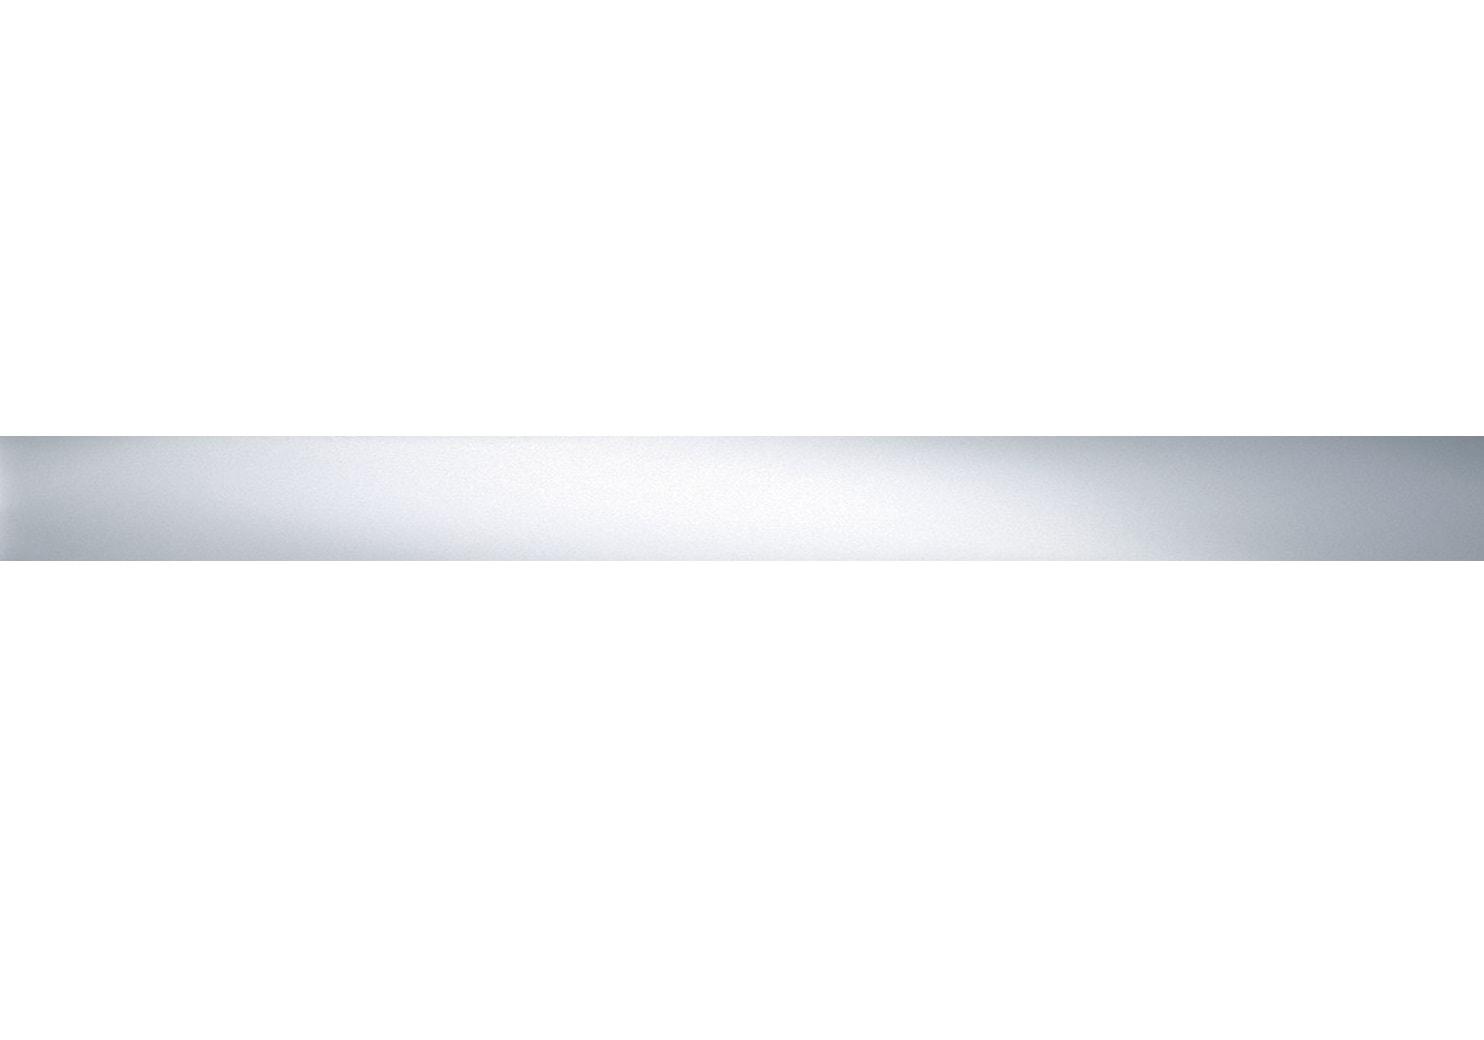 Listwa ścienna Tubądzin Steel 14 połysk 59,8x5,0cm tubSte14pol598x50